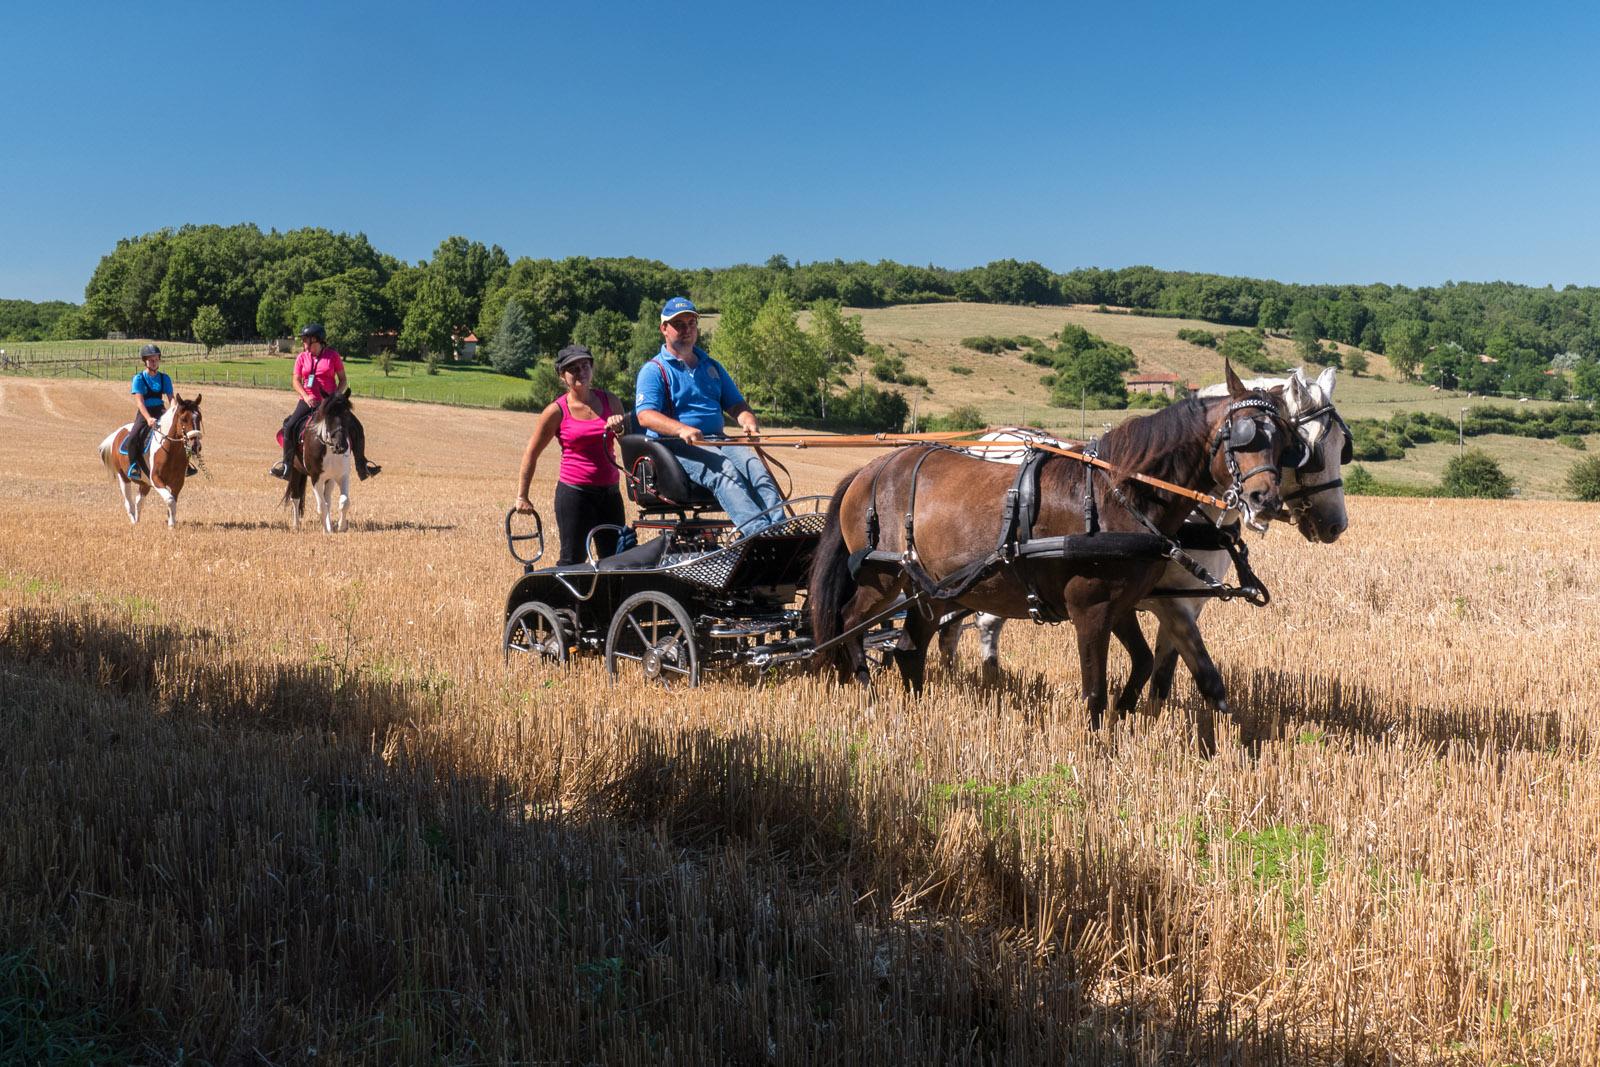 Photographe équestre en Auvergne Rhône Alpes